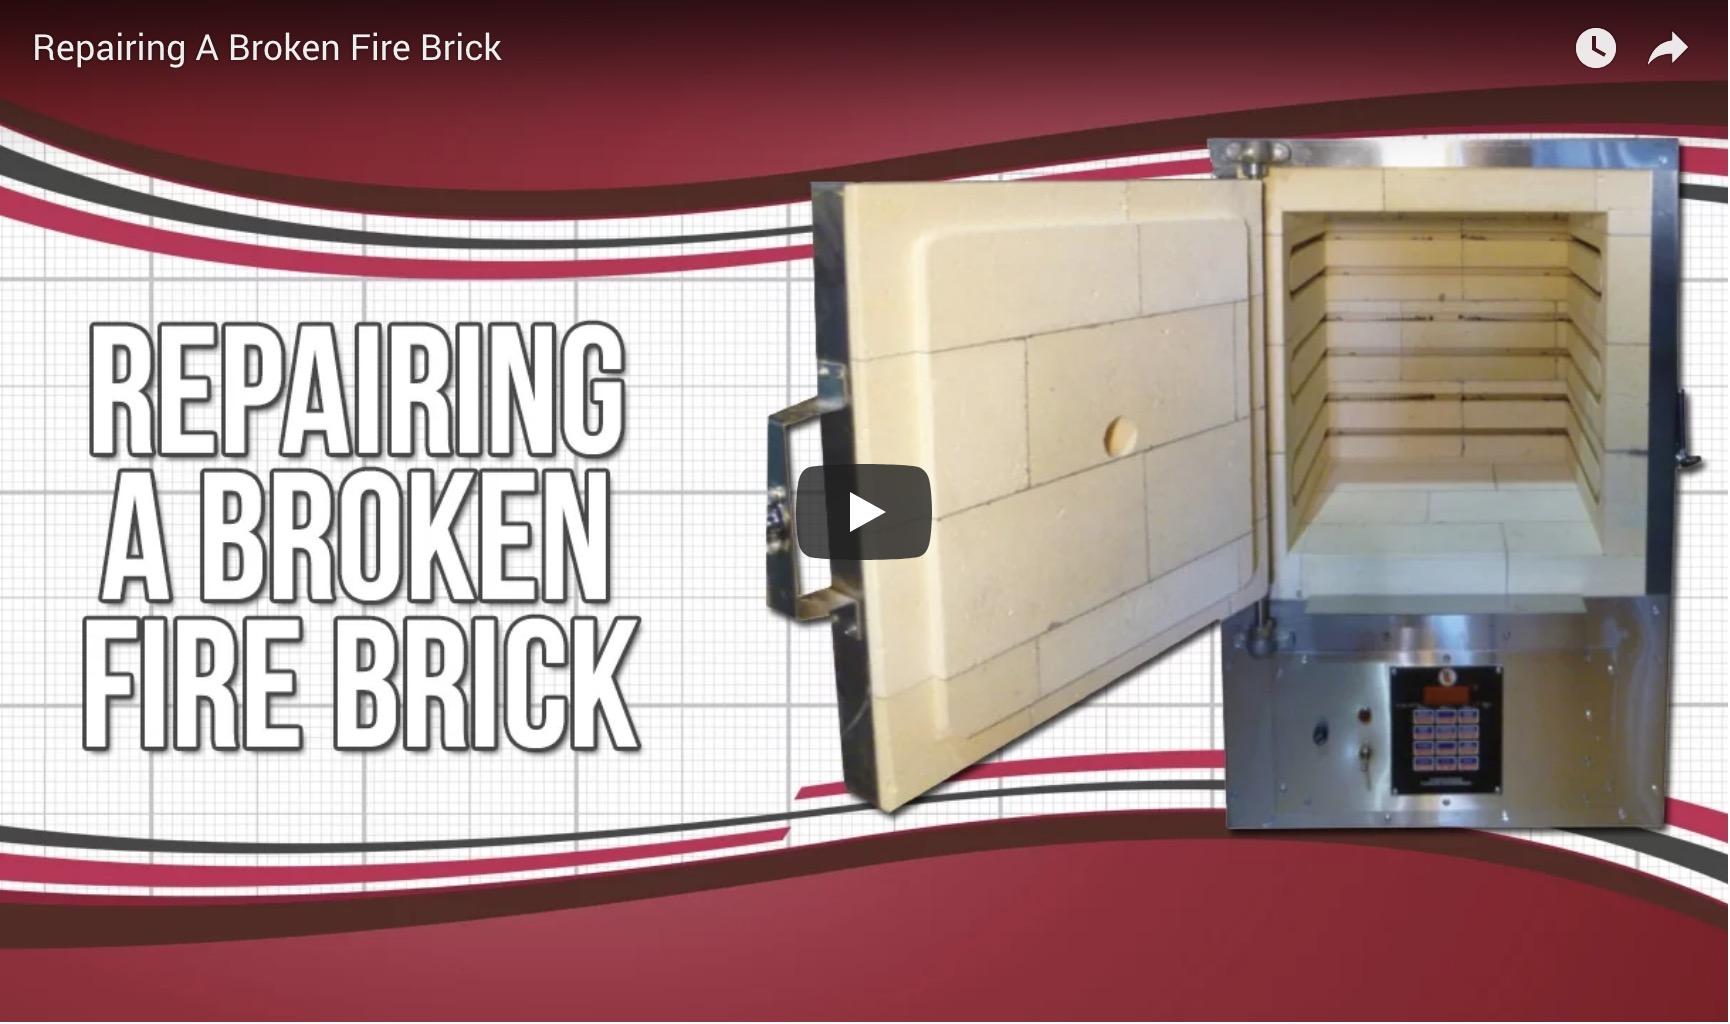 Repairing A Broken Fire Brick